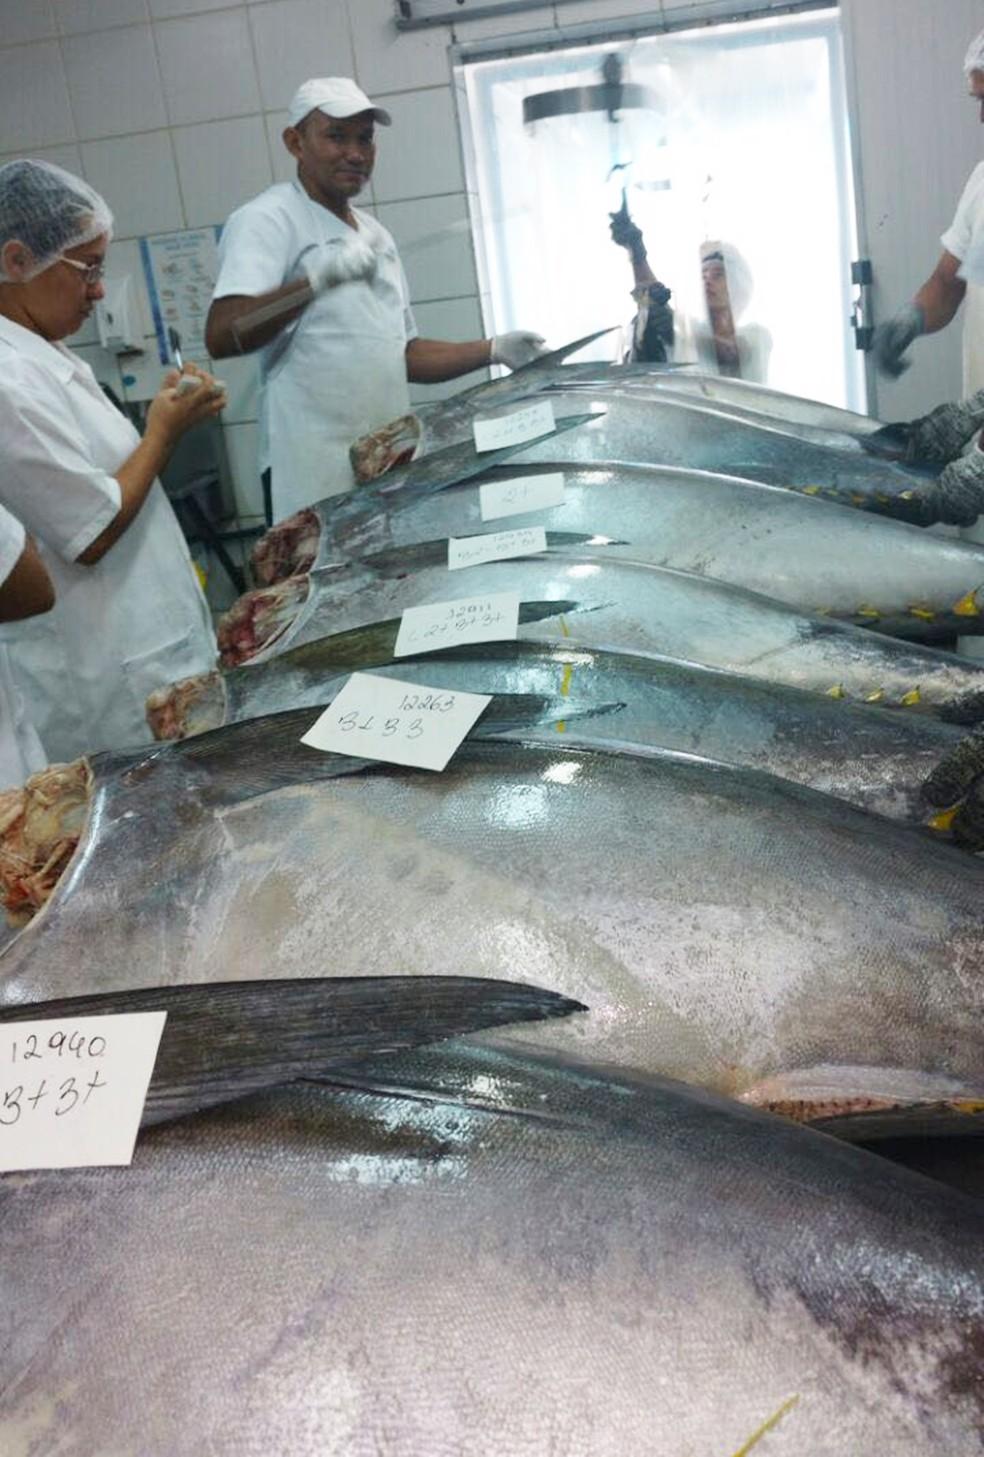 O quilo do atum nobre, no mercado, custa em média R$ 30 — Foto: Cedida/Everton Padilha